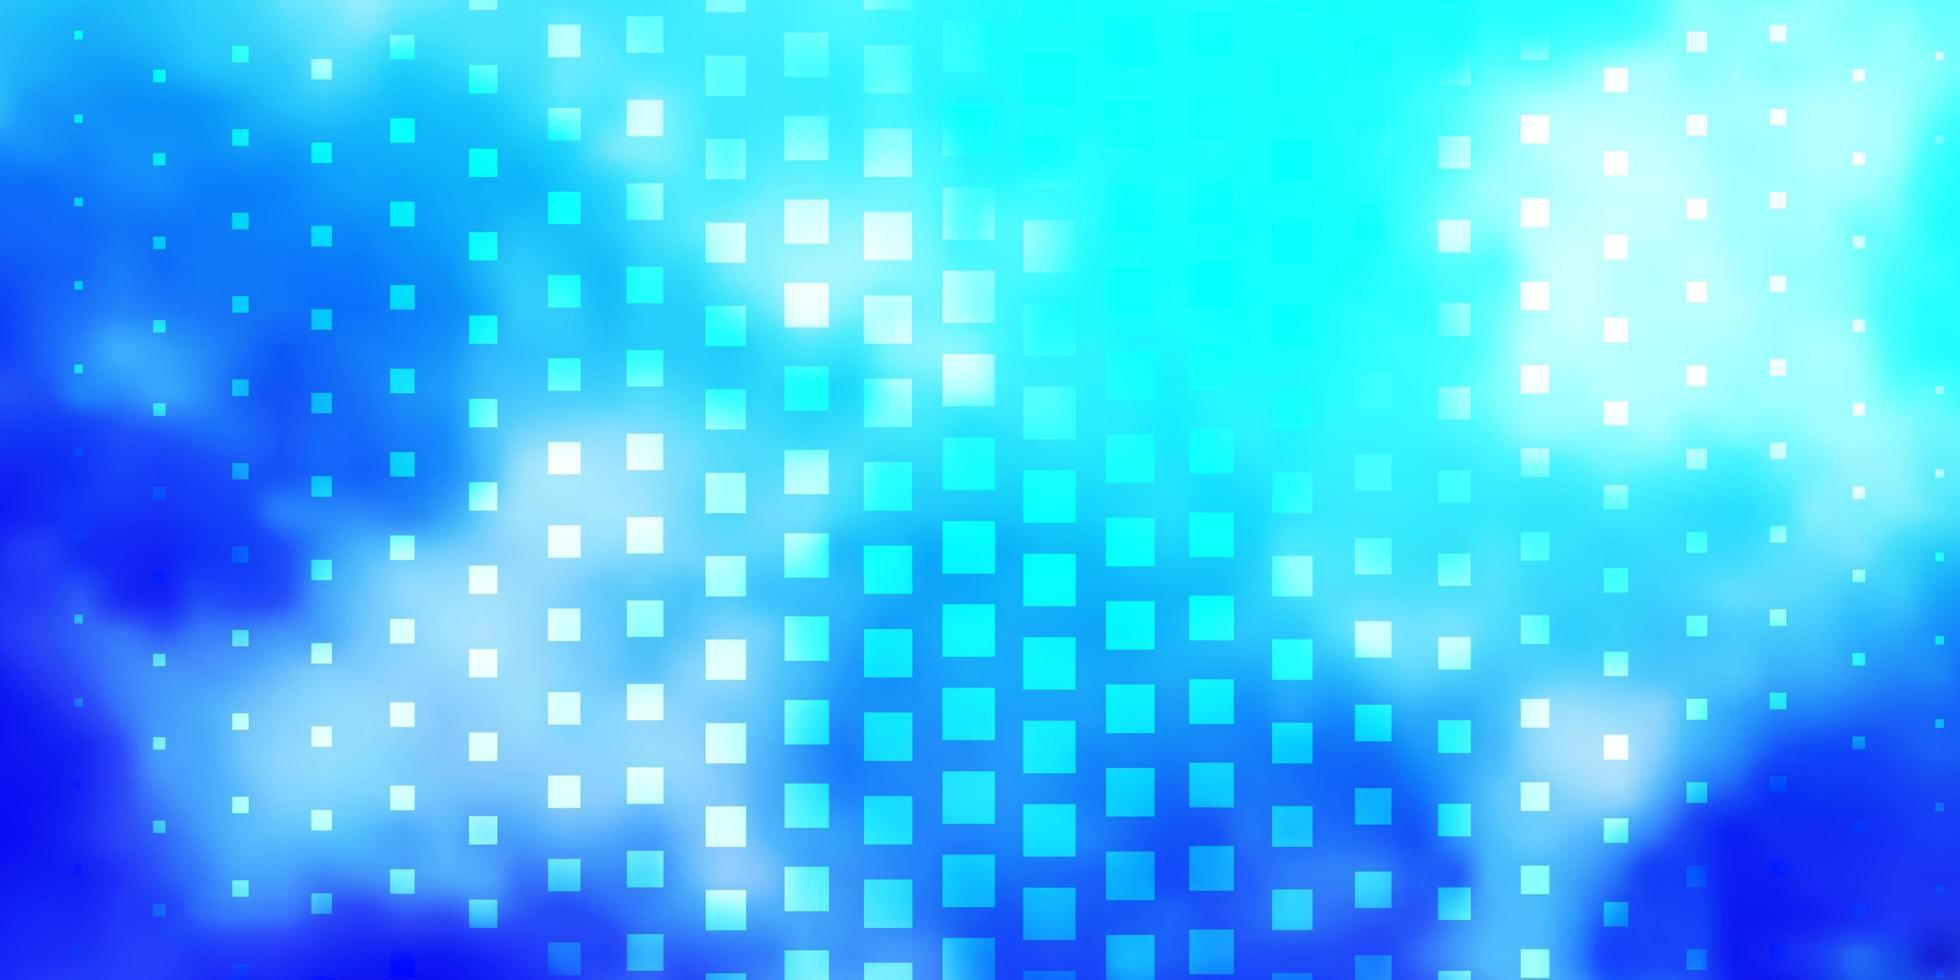 padrão de vetor azul claro em estilo quadrado.